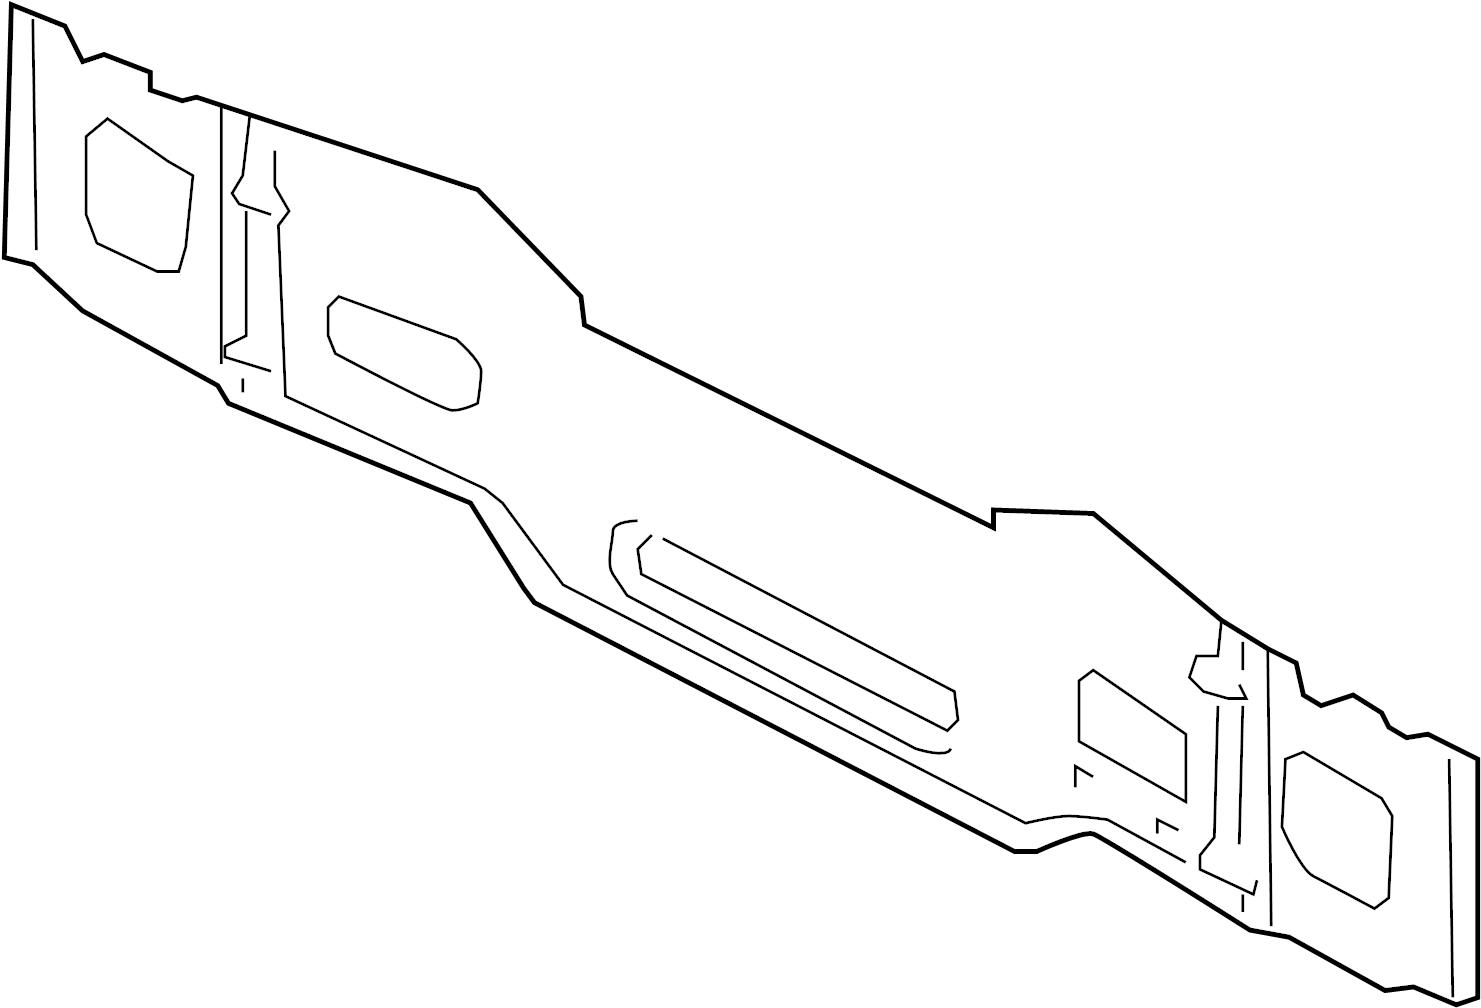 Audi A4 Panel Reinforced Body Lower Rear Apron Rear Reinforcement Tail